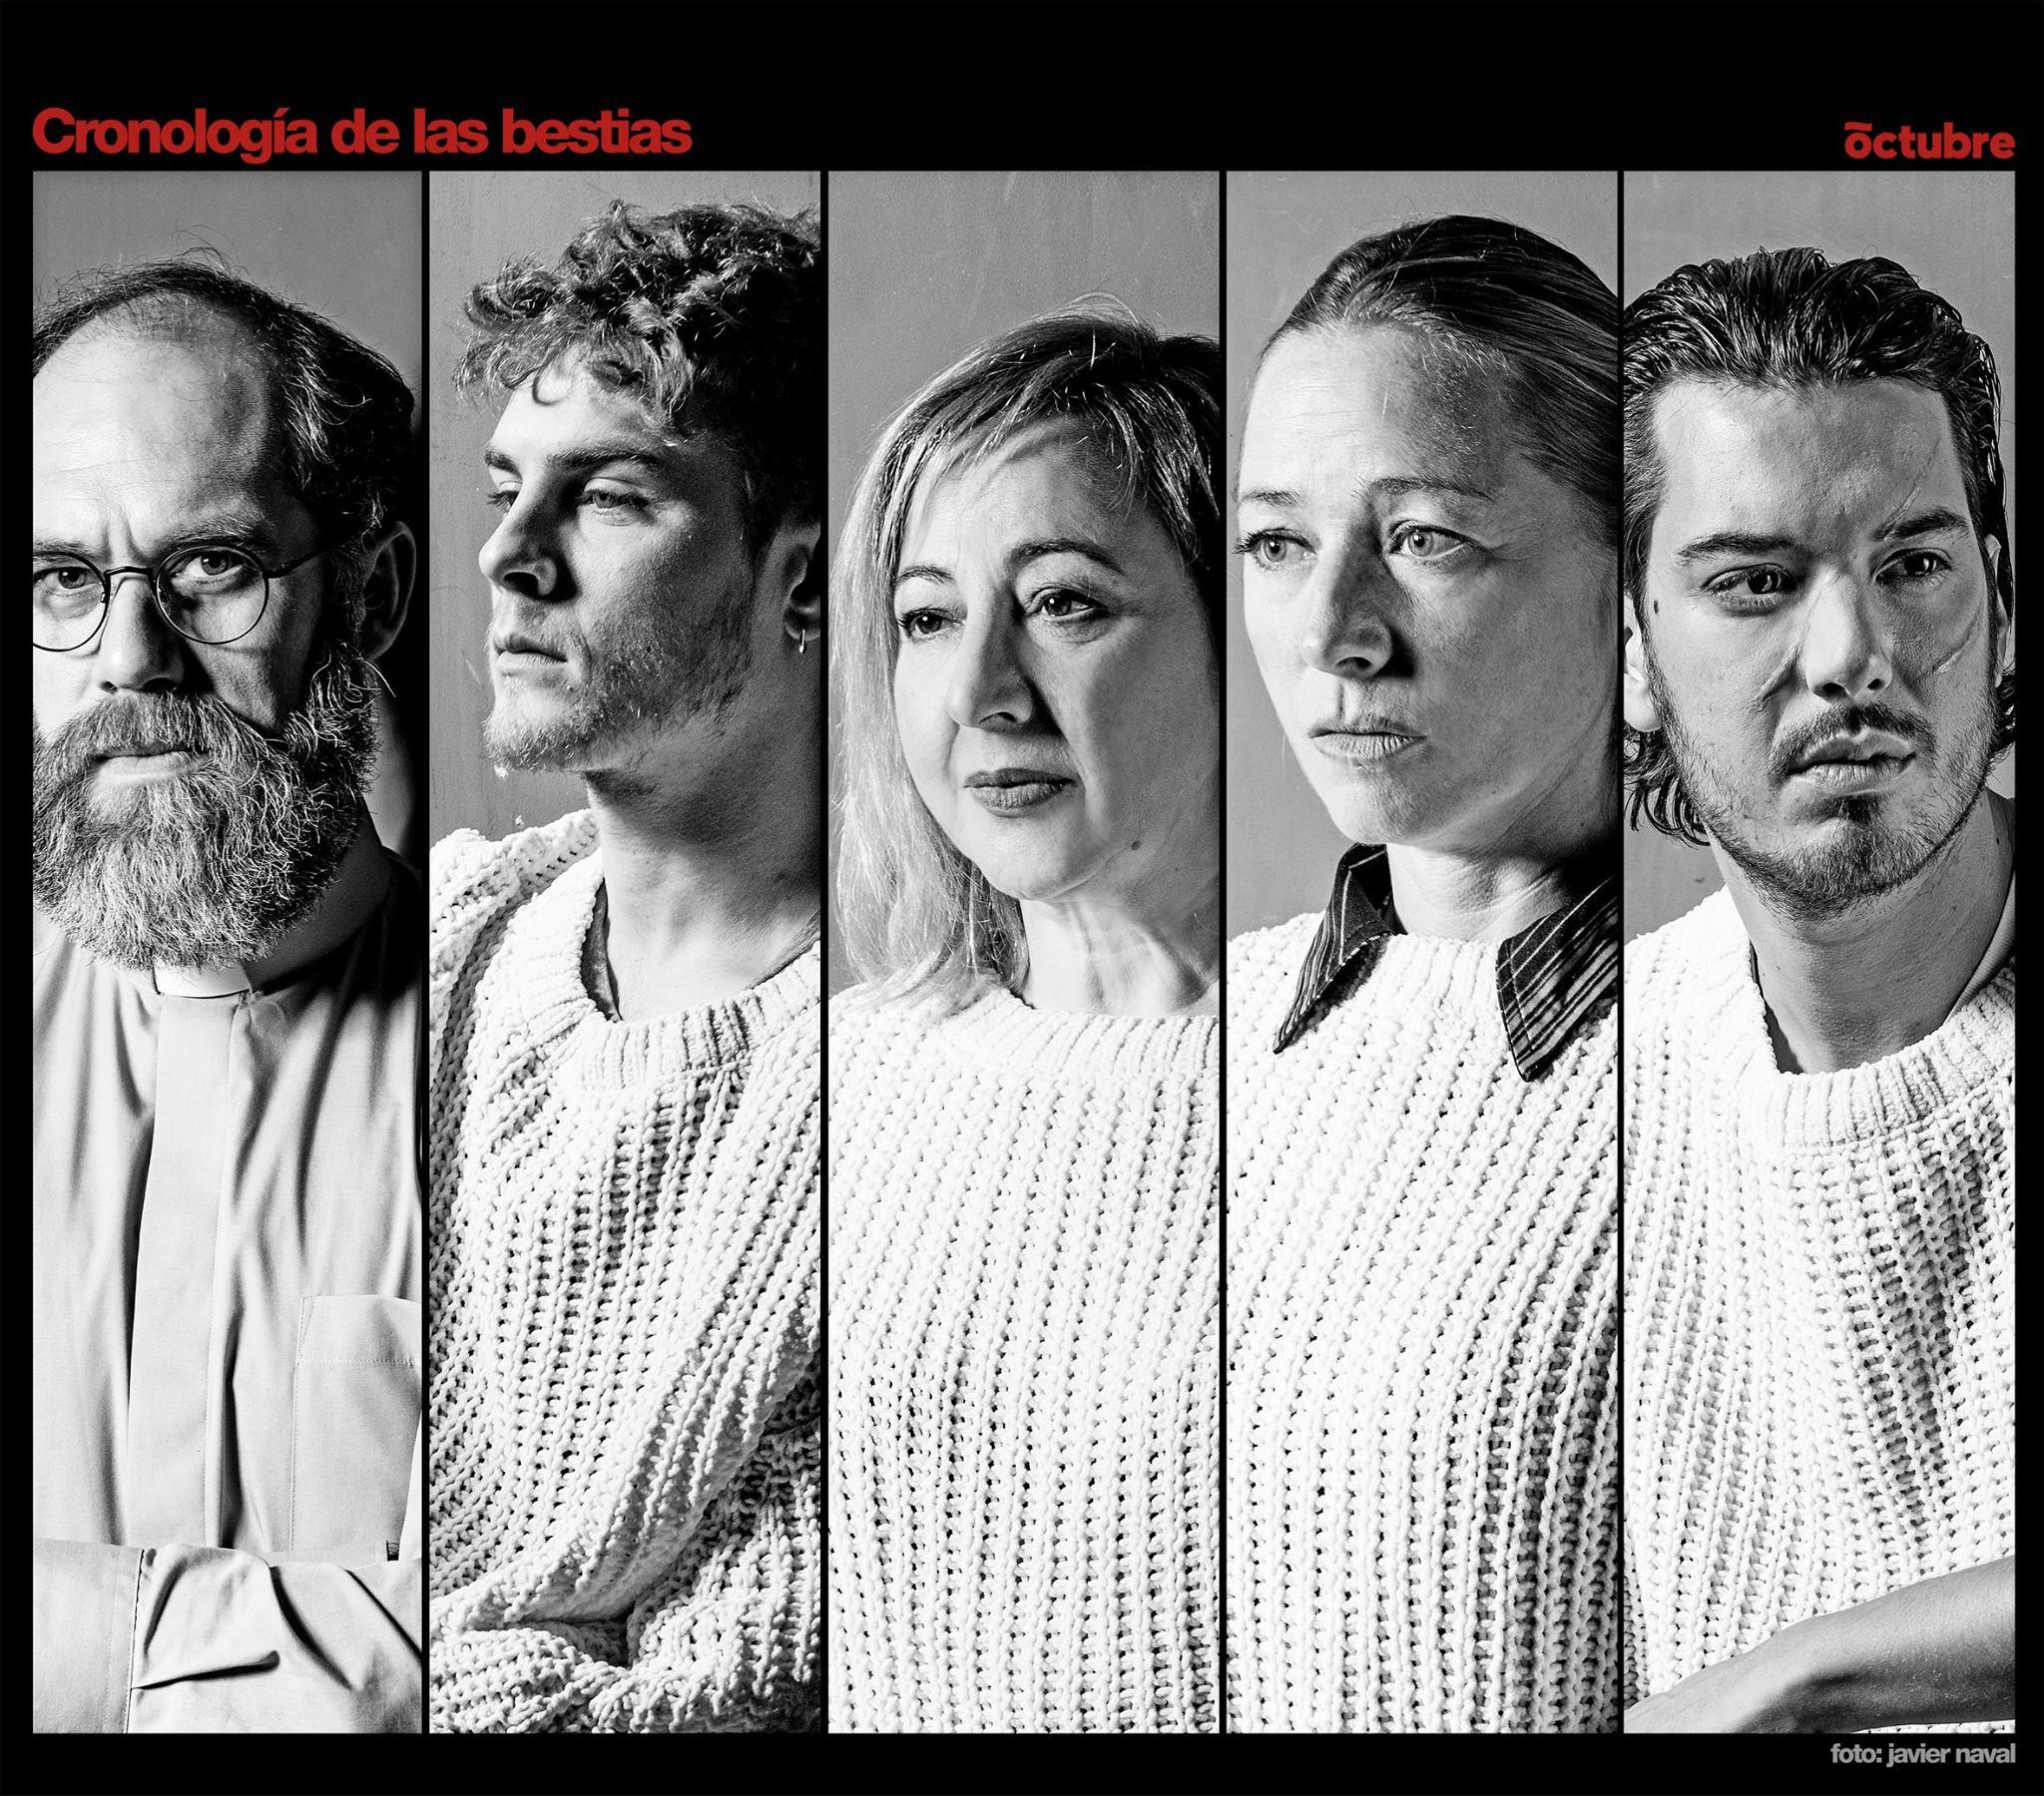 CRONOLOGÍA DE LAS BESTIAS en el Teatro Español